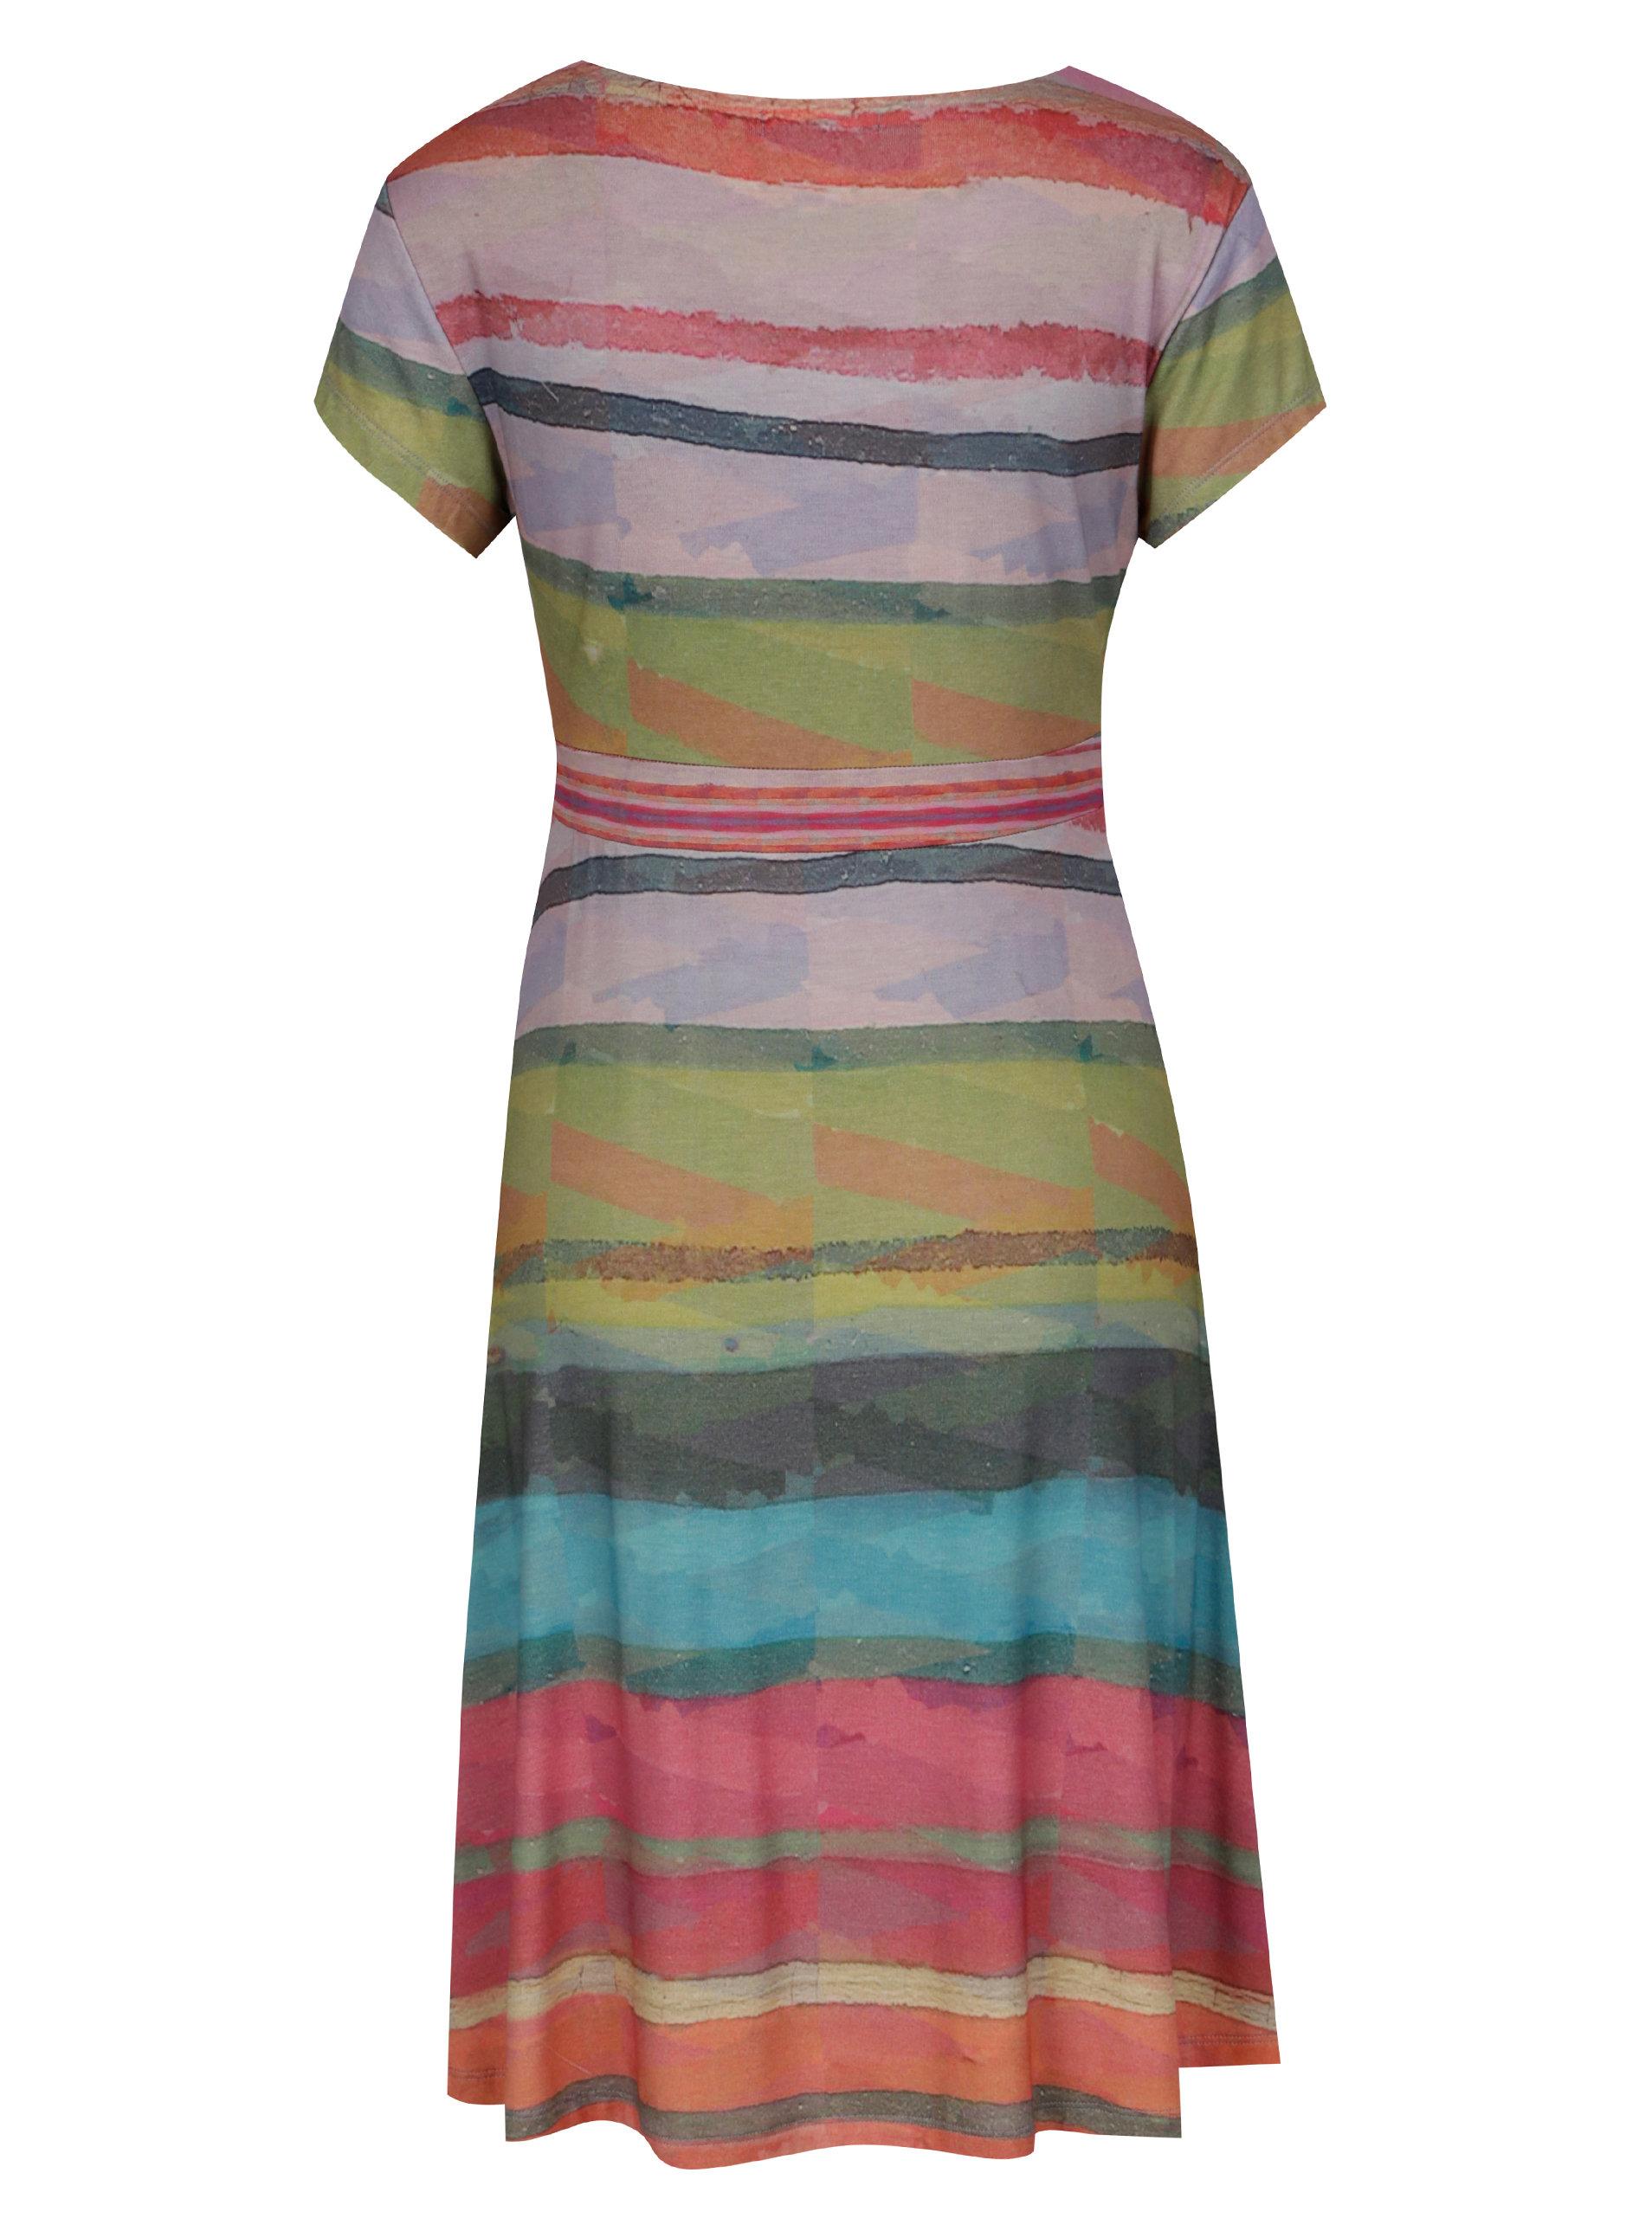 d4aada6f436 Růžovo-zelené šaty s krátkým rukávem Desigual Tutti Frutti ...